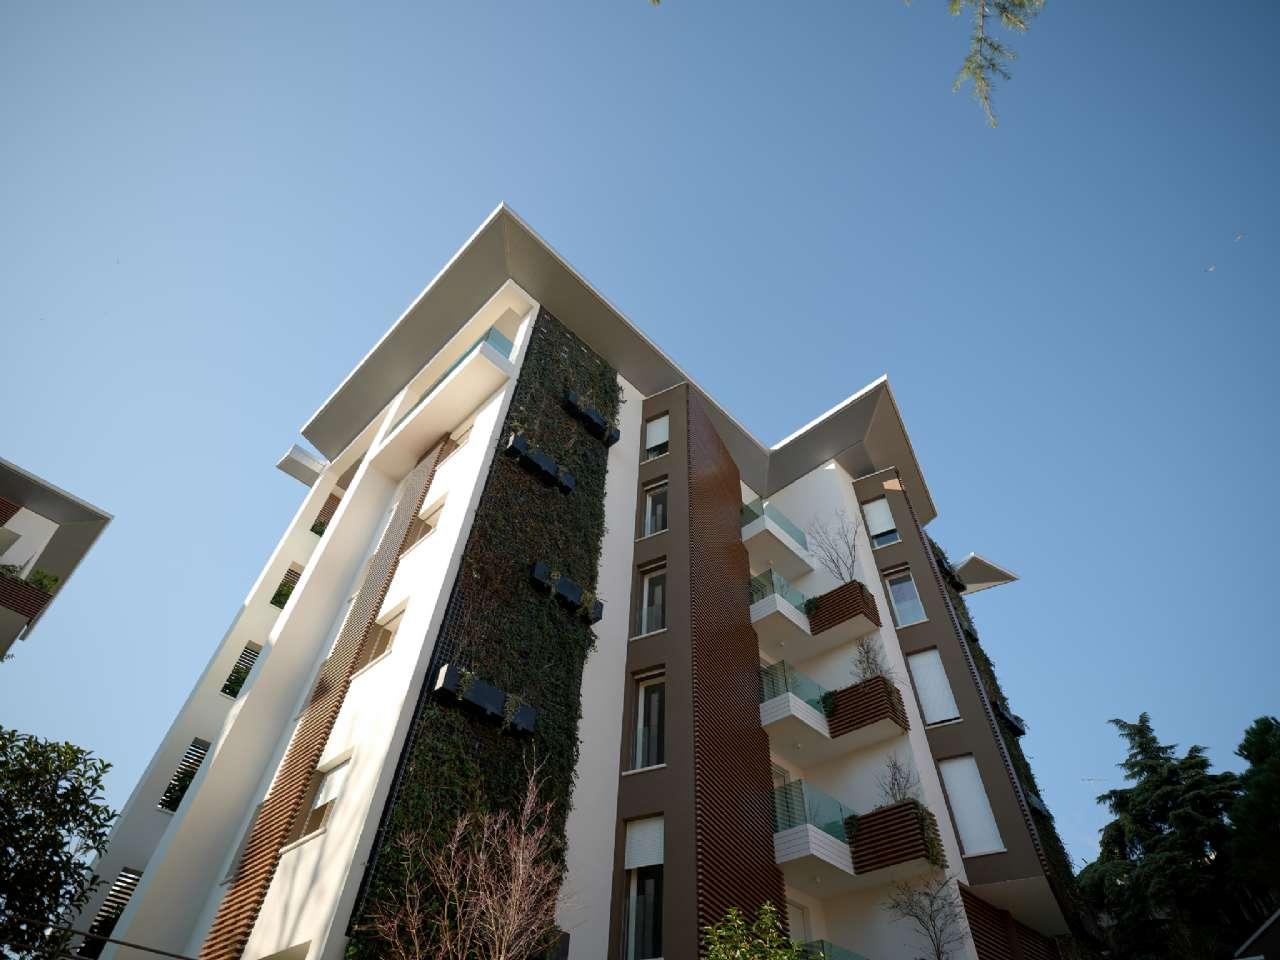 Attico di nuova costruzione, Viale San Marco, Mestre Centro, Venezia, foto 16